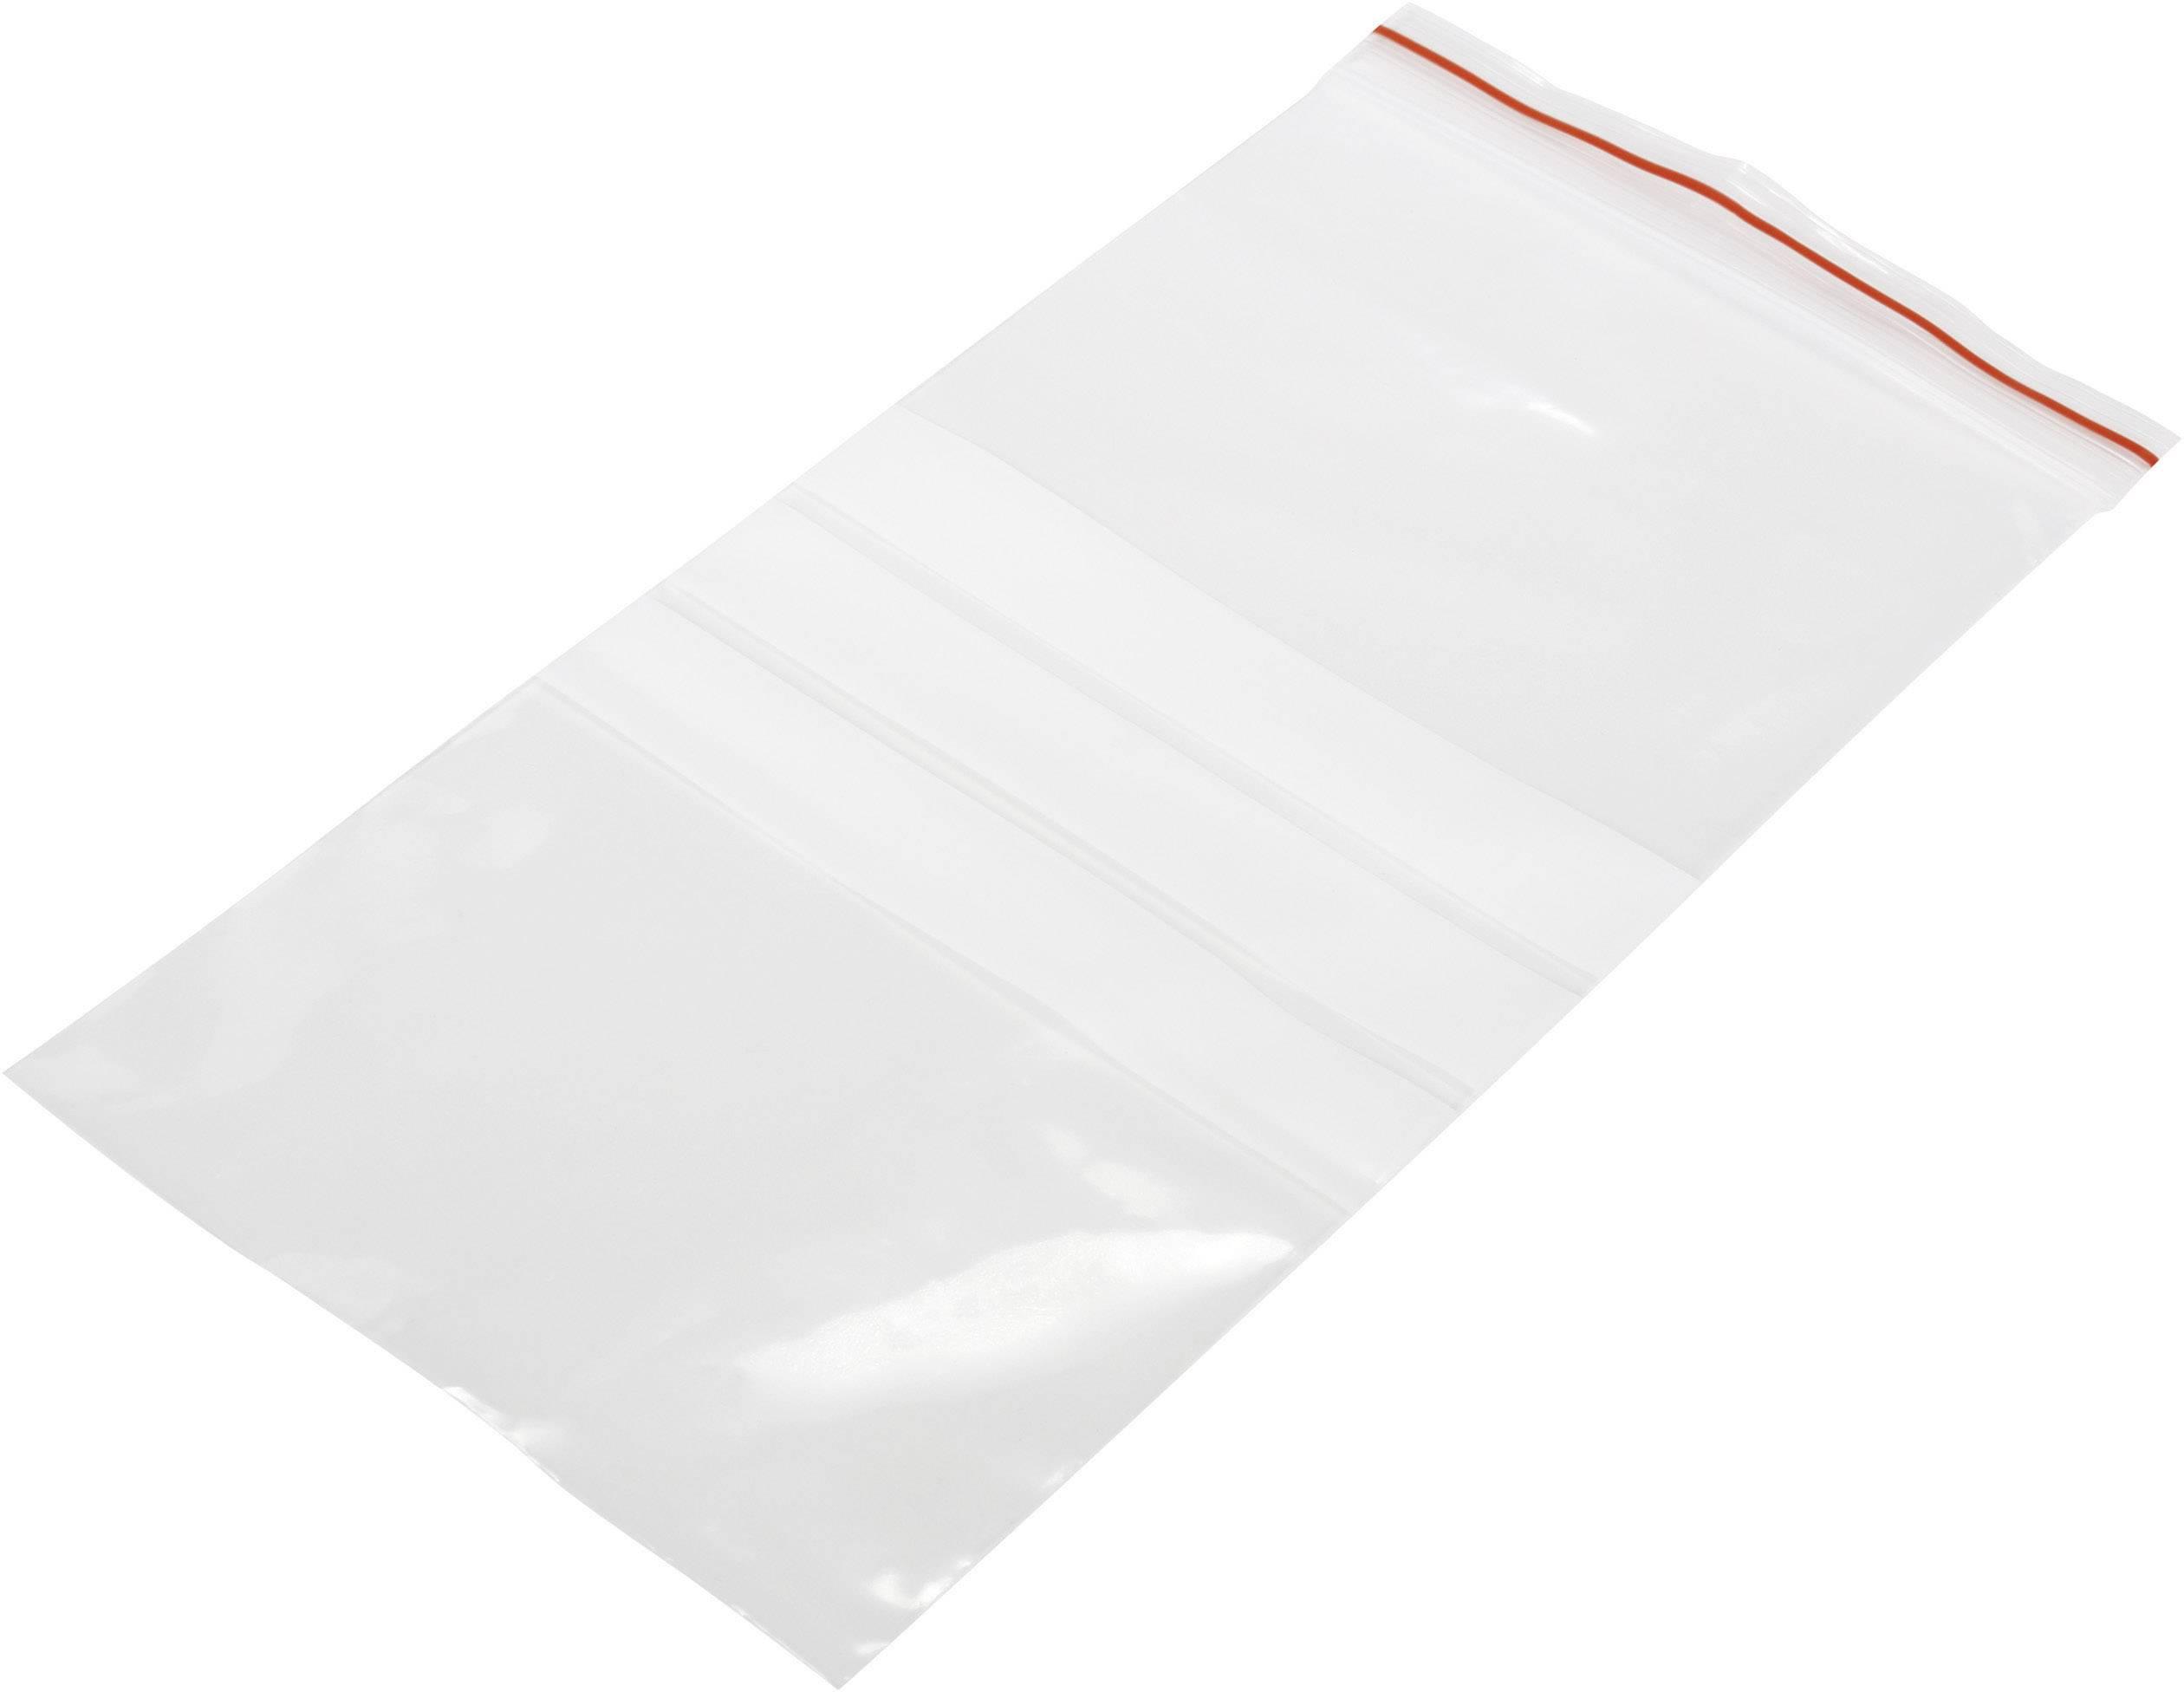 Uzatvárateľné vrecúško s popisnými štítkami (š x v) 100 mm x 200 mm, polyetylén, priehľadná